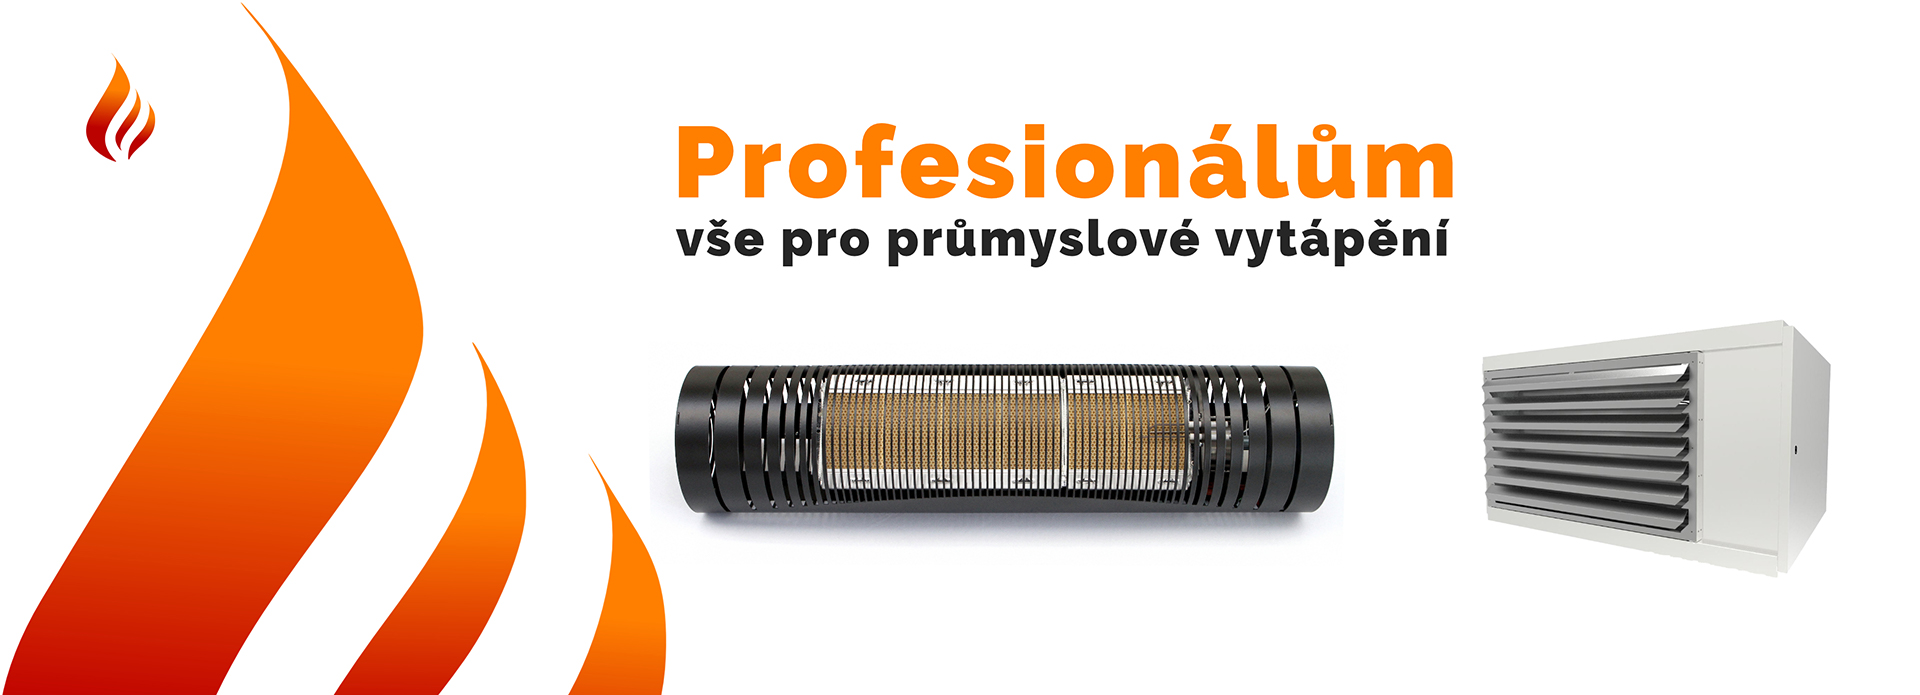 waty.cz - topení a chlazení pro profesionály